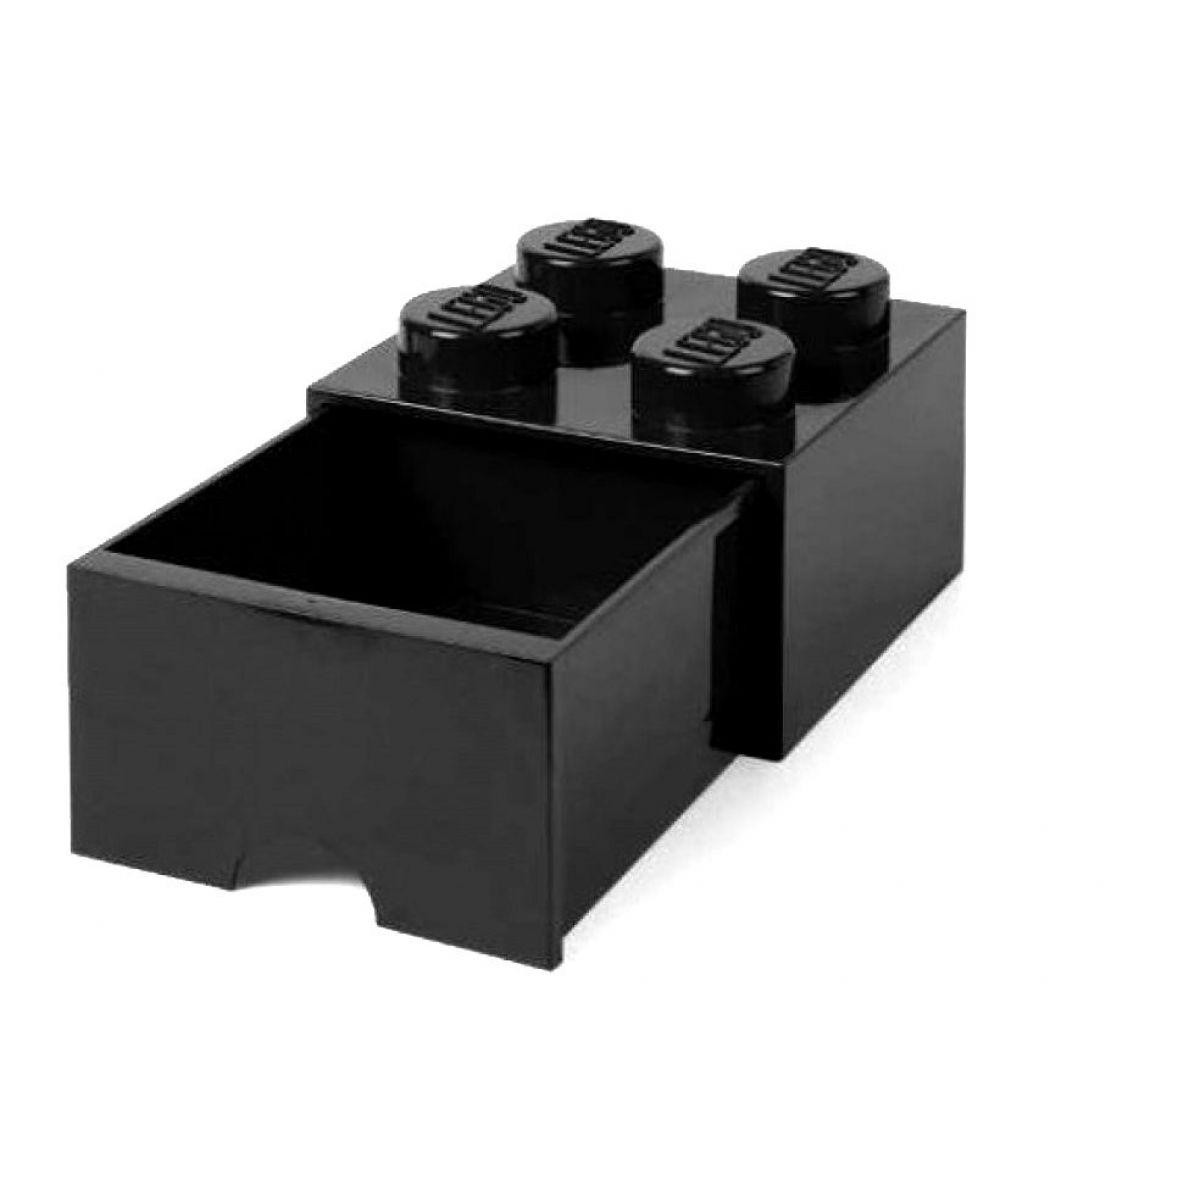 LEGO úložný box 4 so šuplíkom čierna